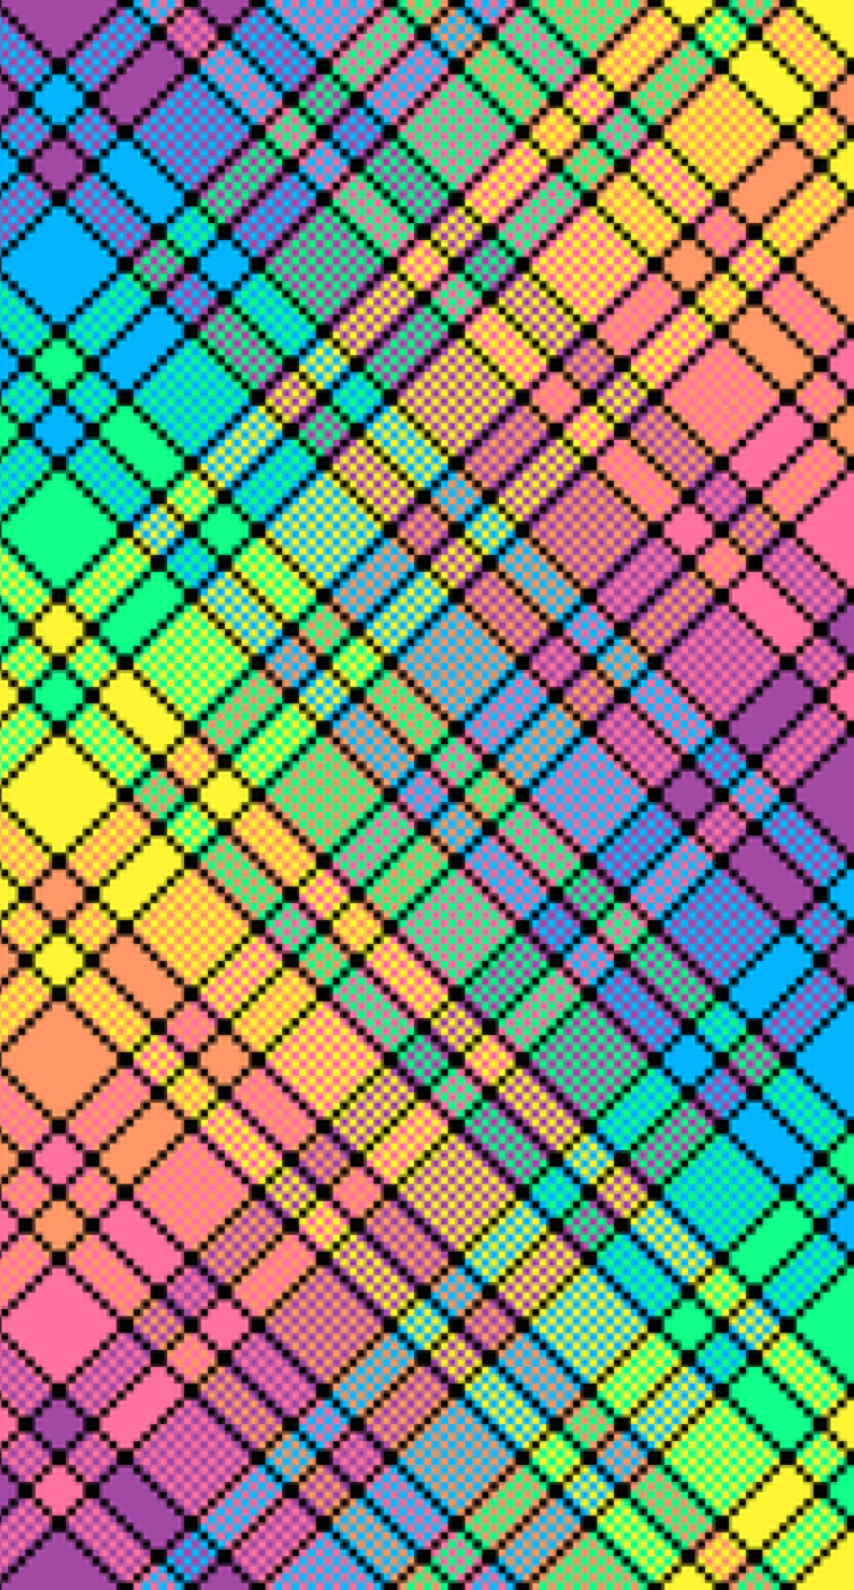 Pin By Nancy Doyle On Sfondi Colorful Wallpaper Rainbow Wallpaper Cellphone Wallpaper